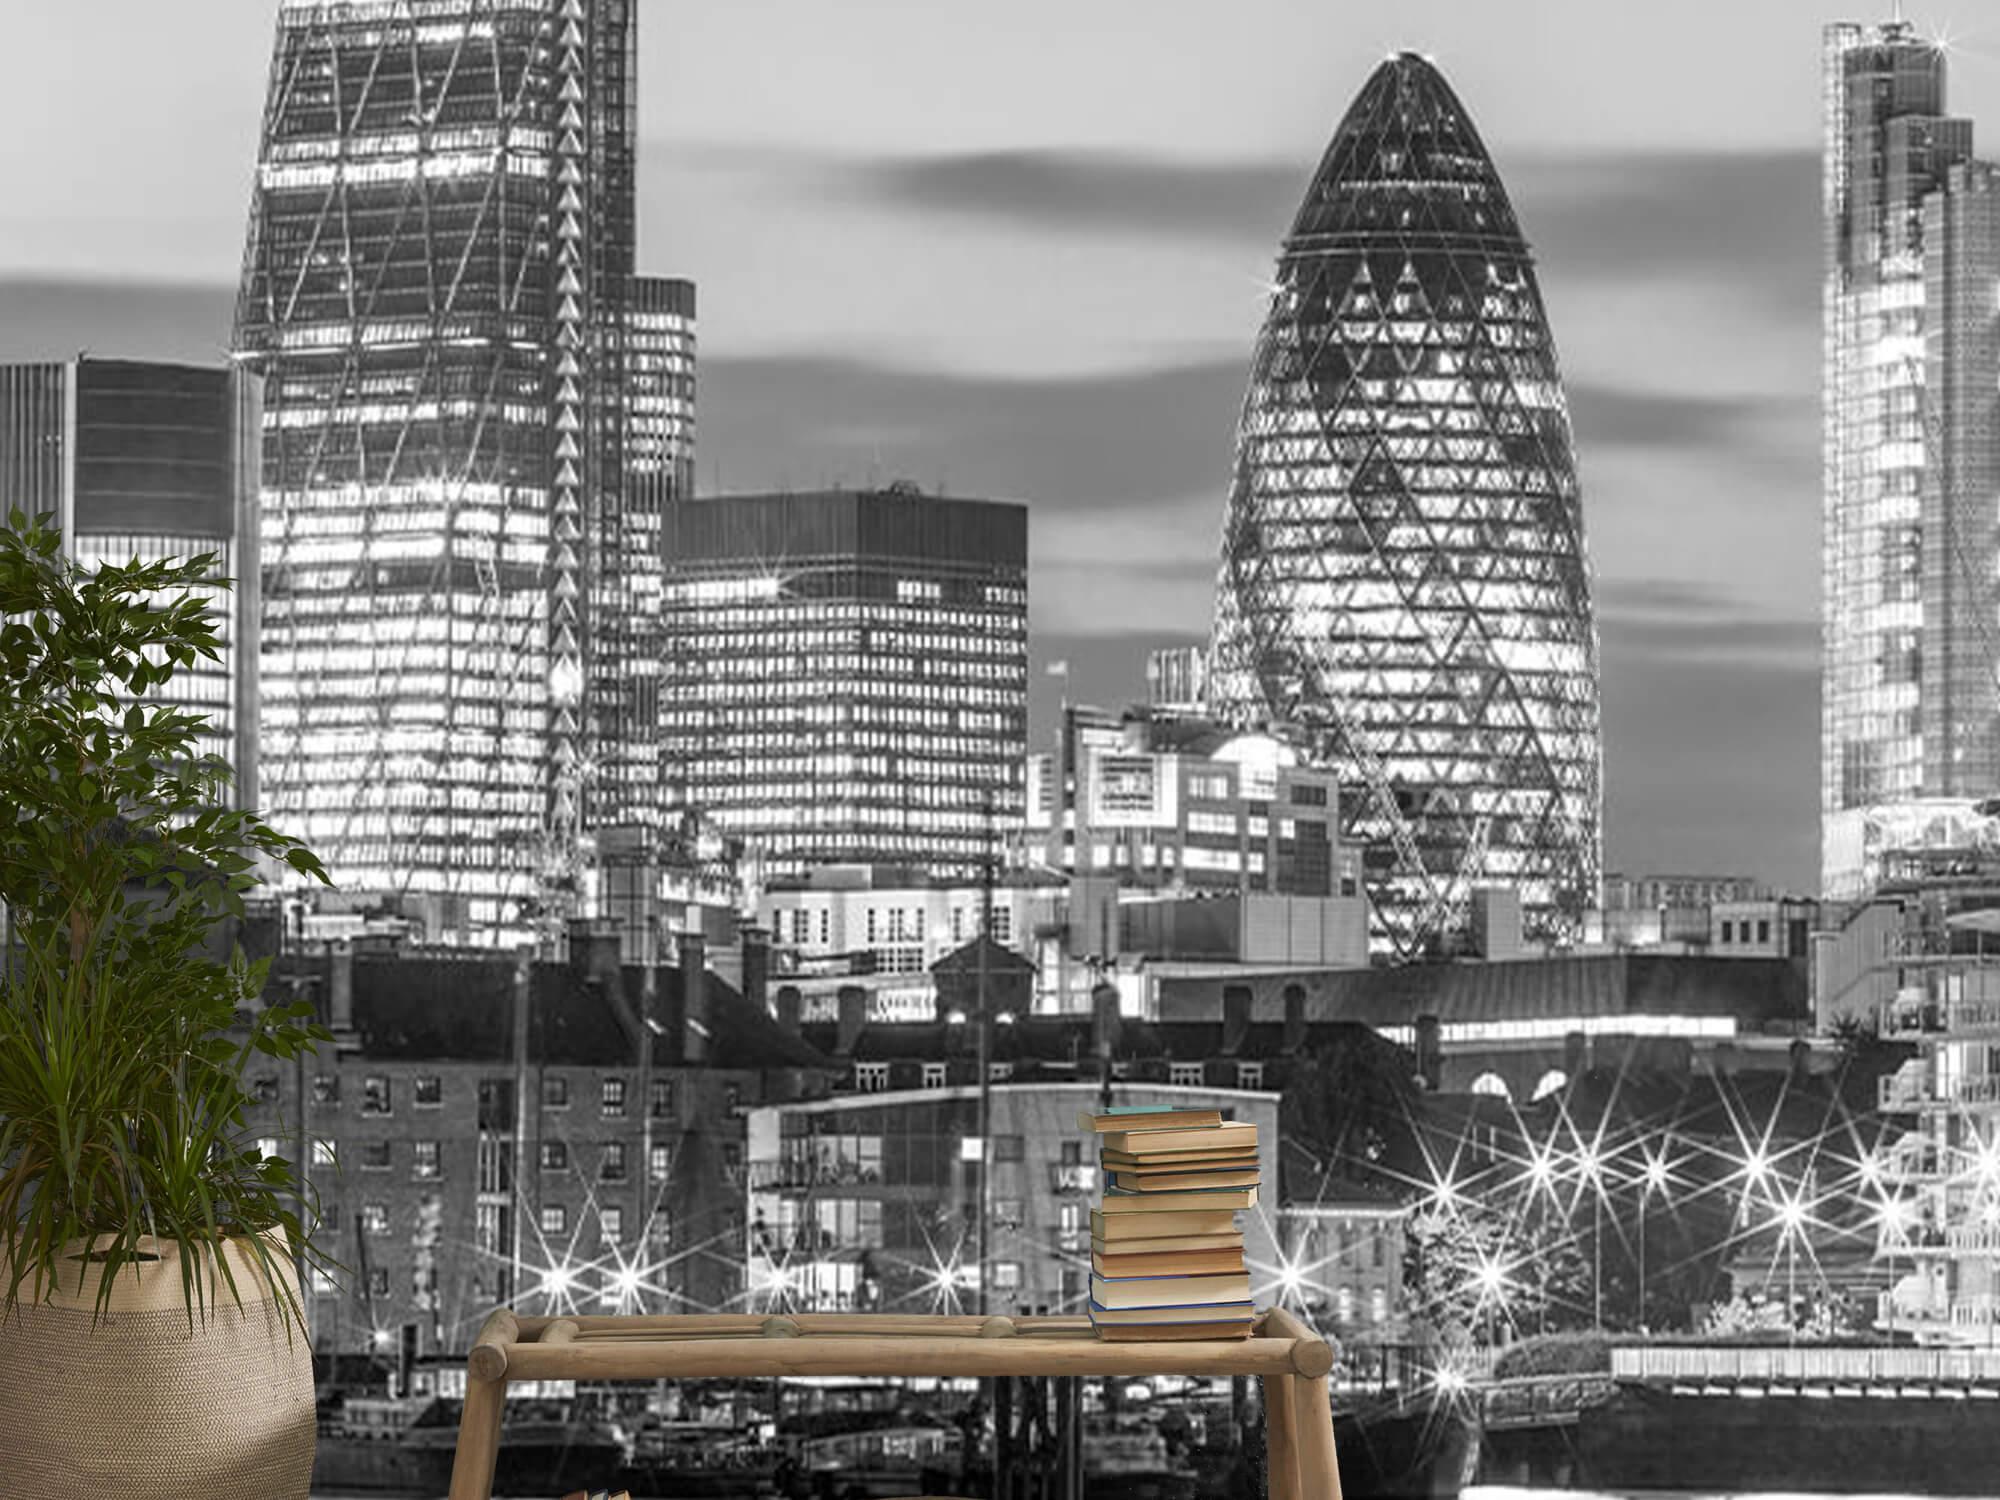 Londen skyline 17